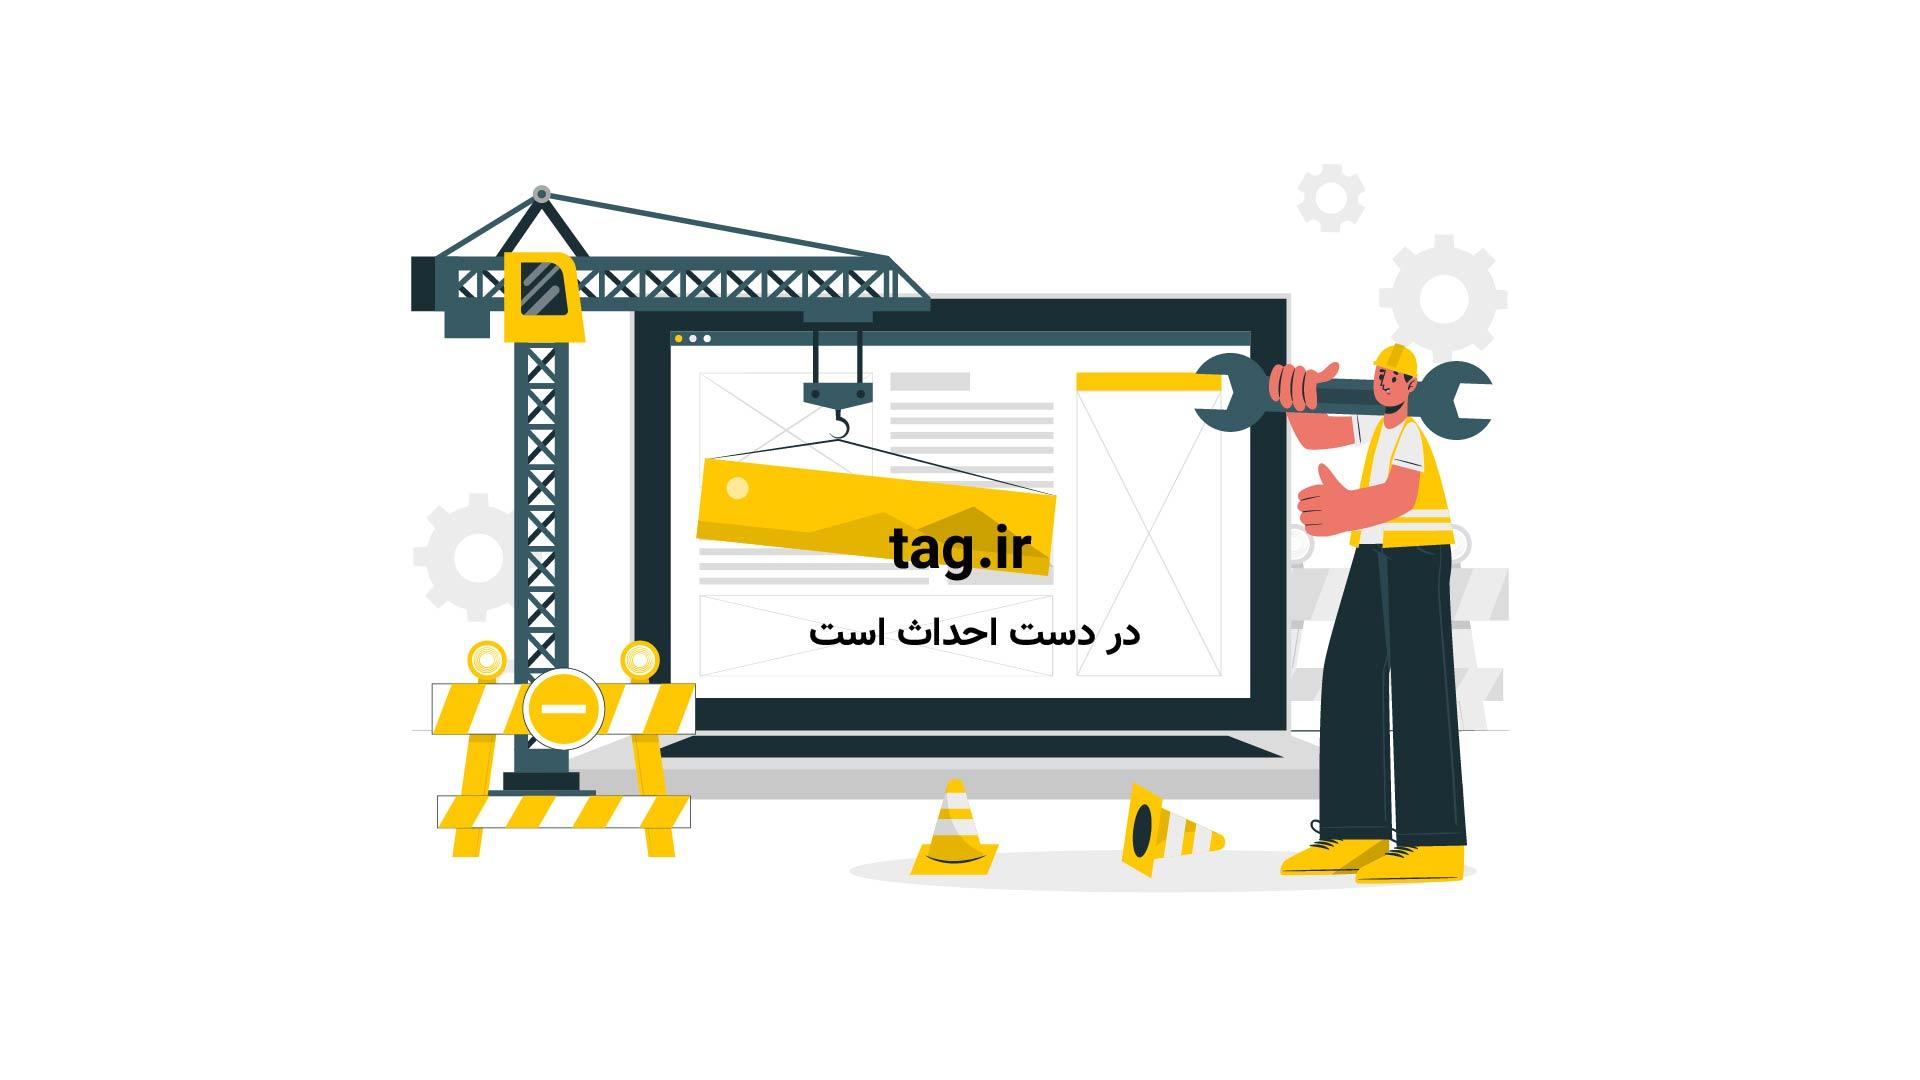 سخنرانیهای تد؛ خصوصیات مخفی و باورنکردی اشیاء | فیلم